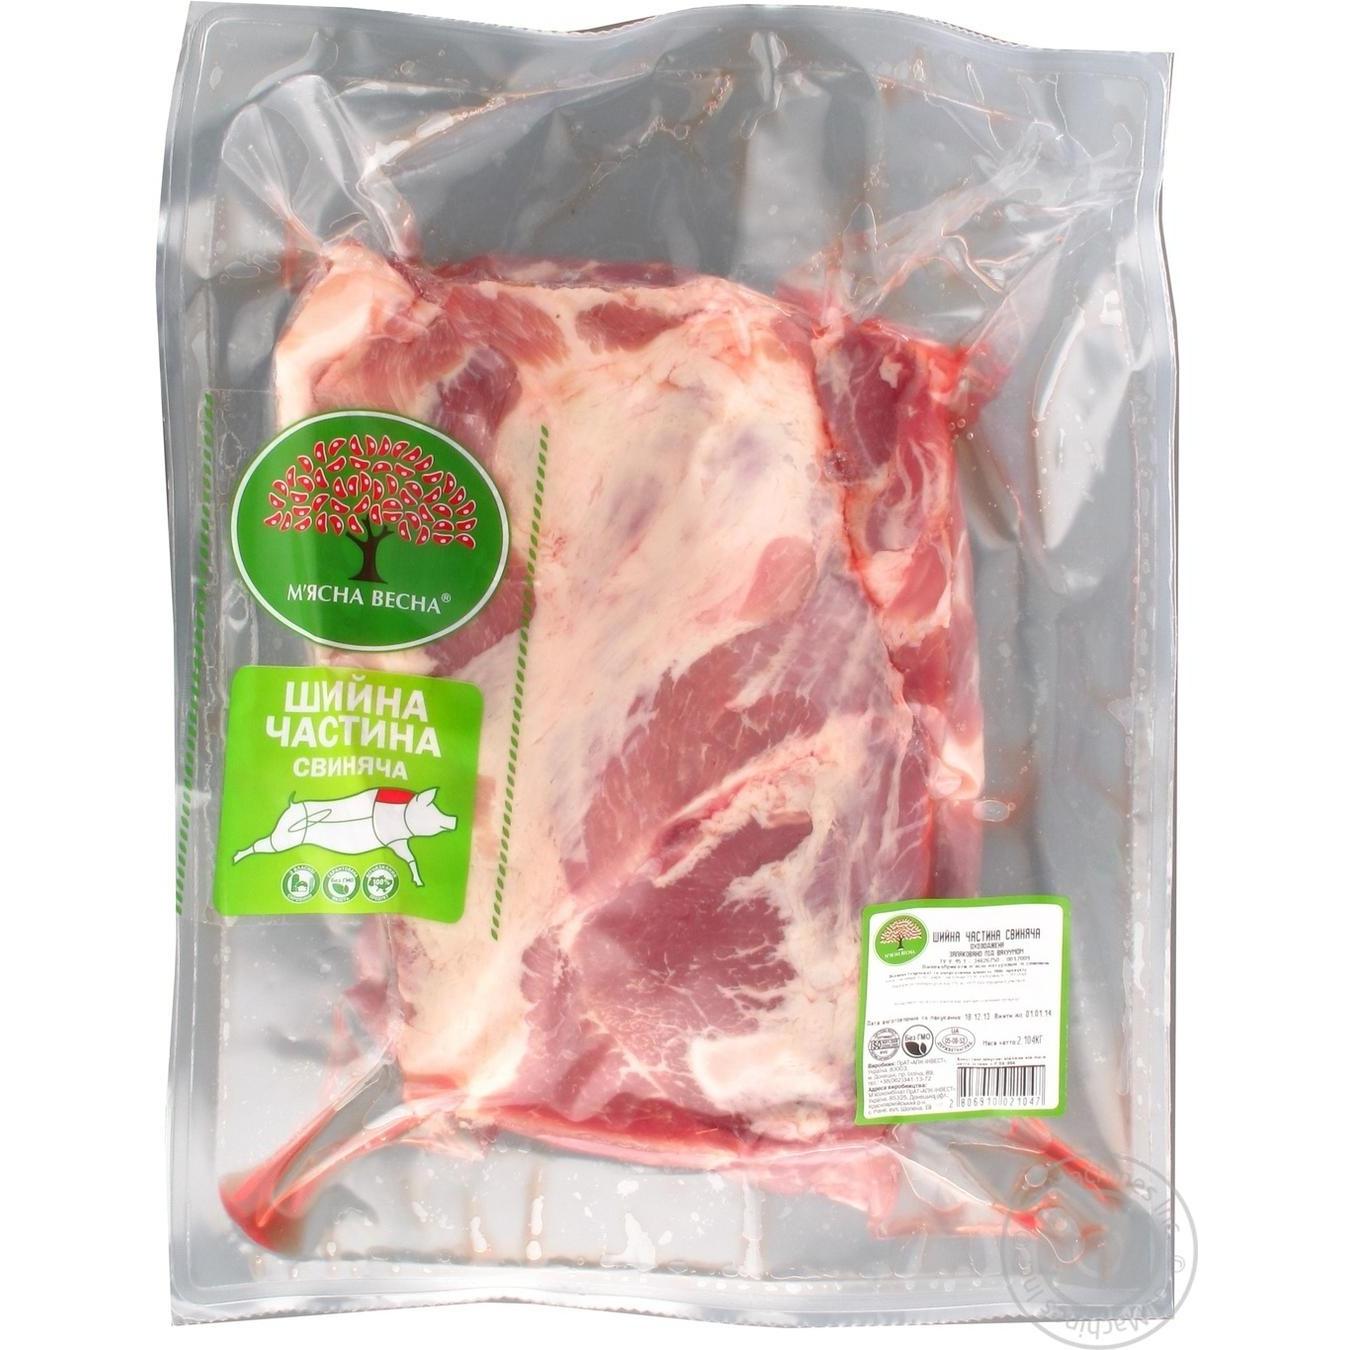 Купить Свіже м'ясо, Шийна частина М'ясна весна свиняча охолоджена 2104г Україна